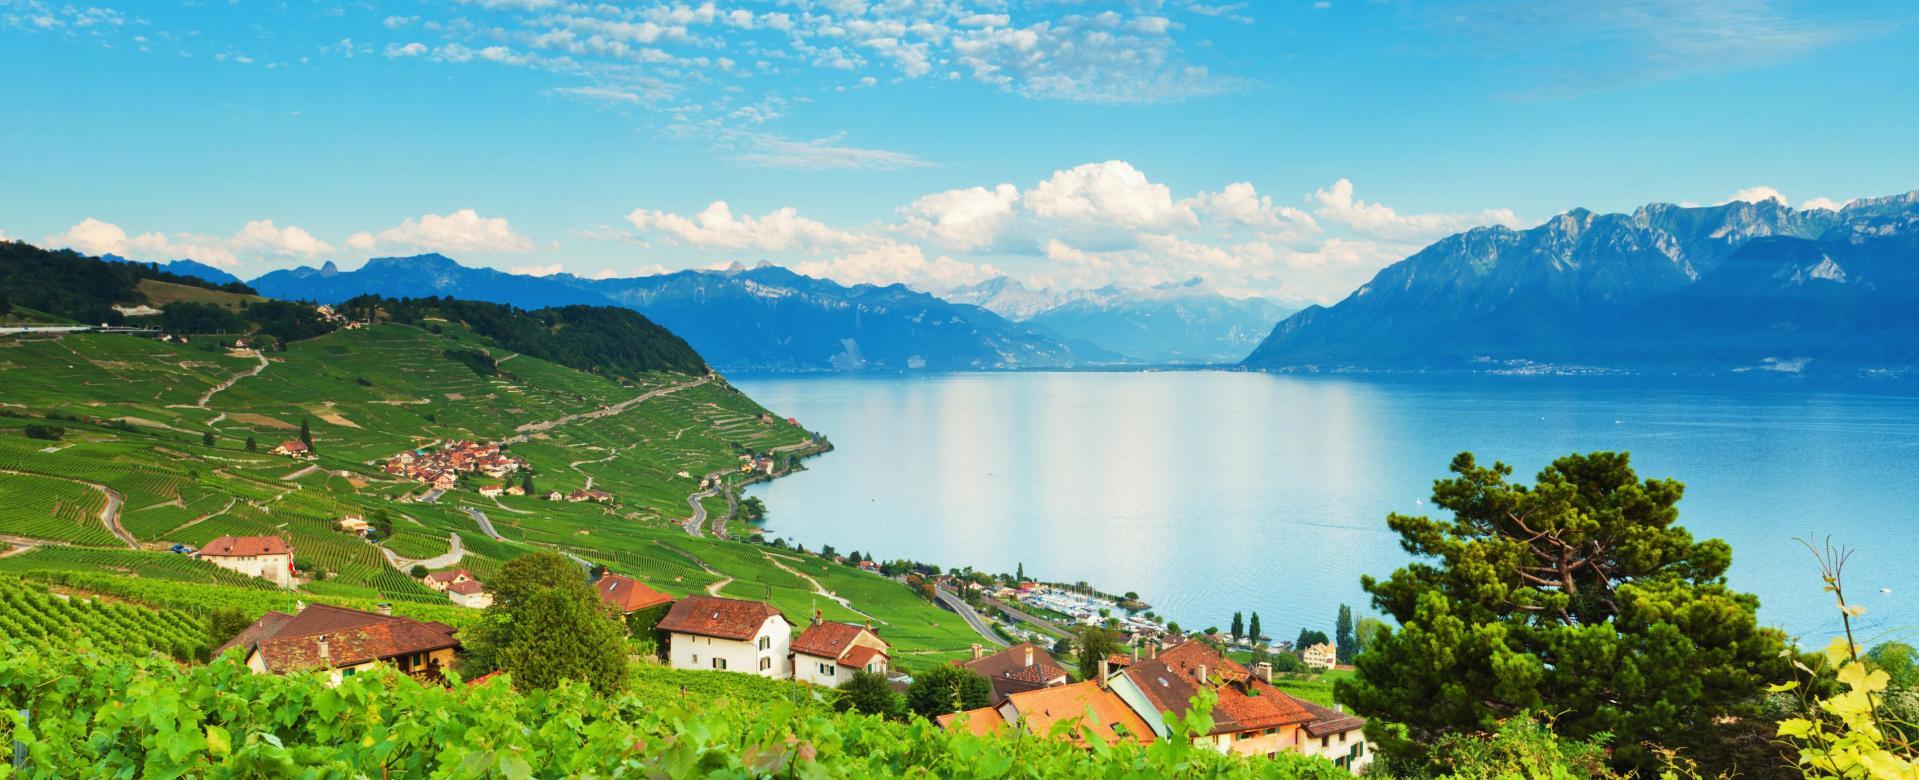 Voyage en véhicule Suisse : Les coteaux du léman à vélo